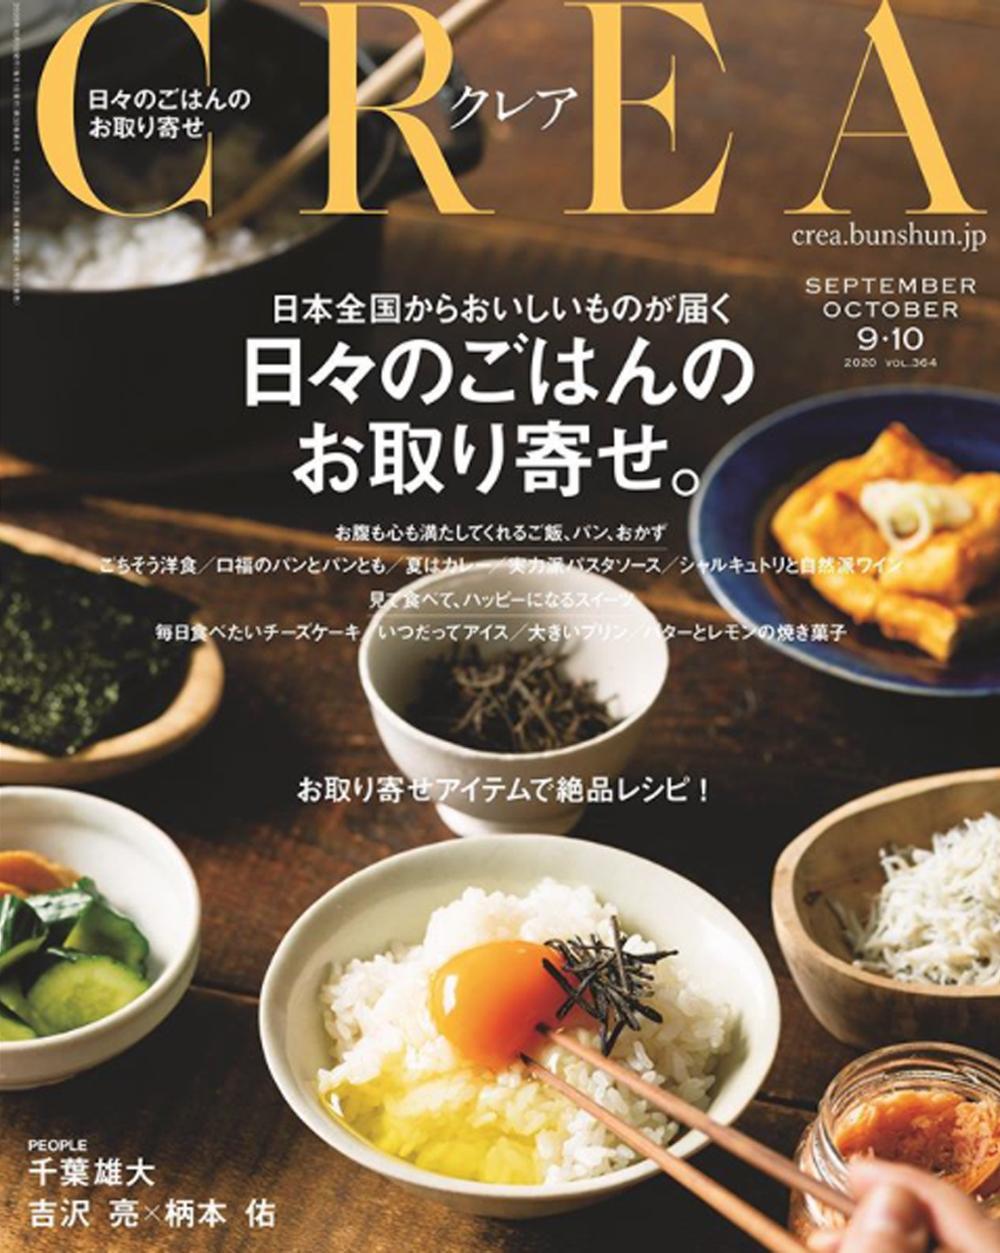 メディア情報/CREA 9月・10月号に掲載されました。